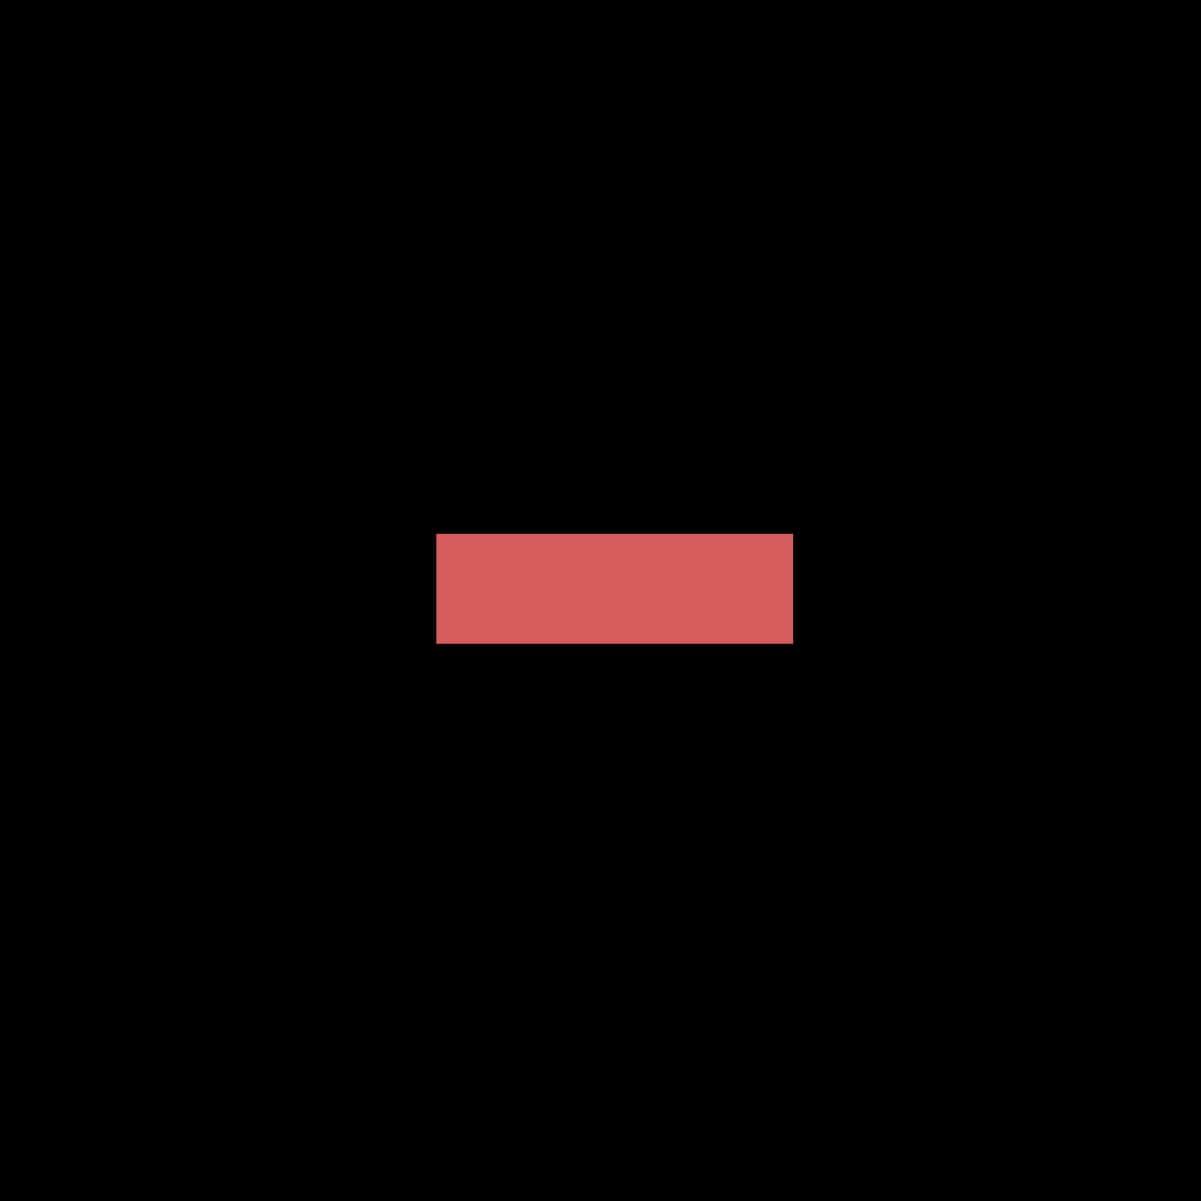 Schwarz -- Rot